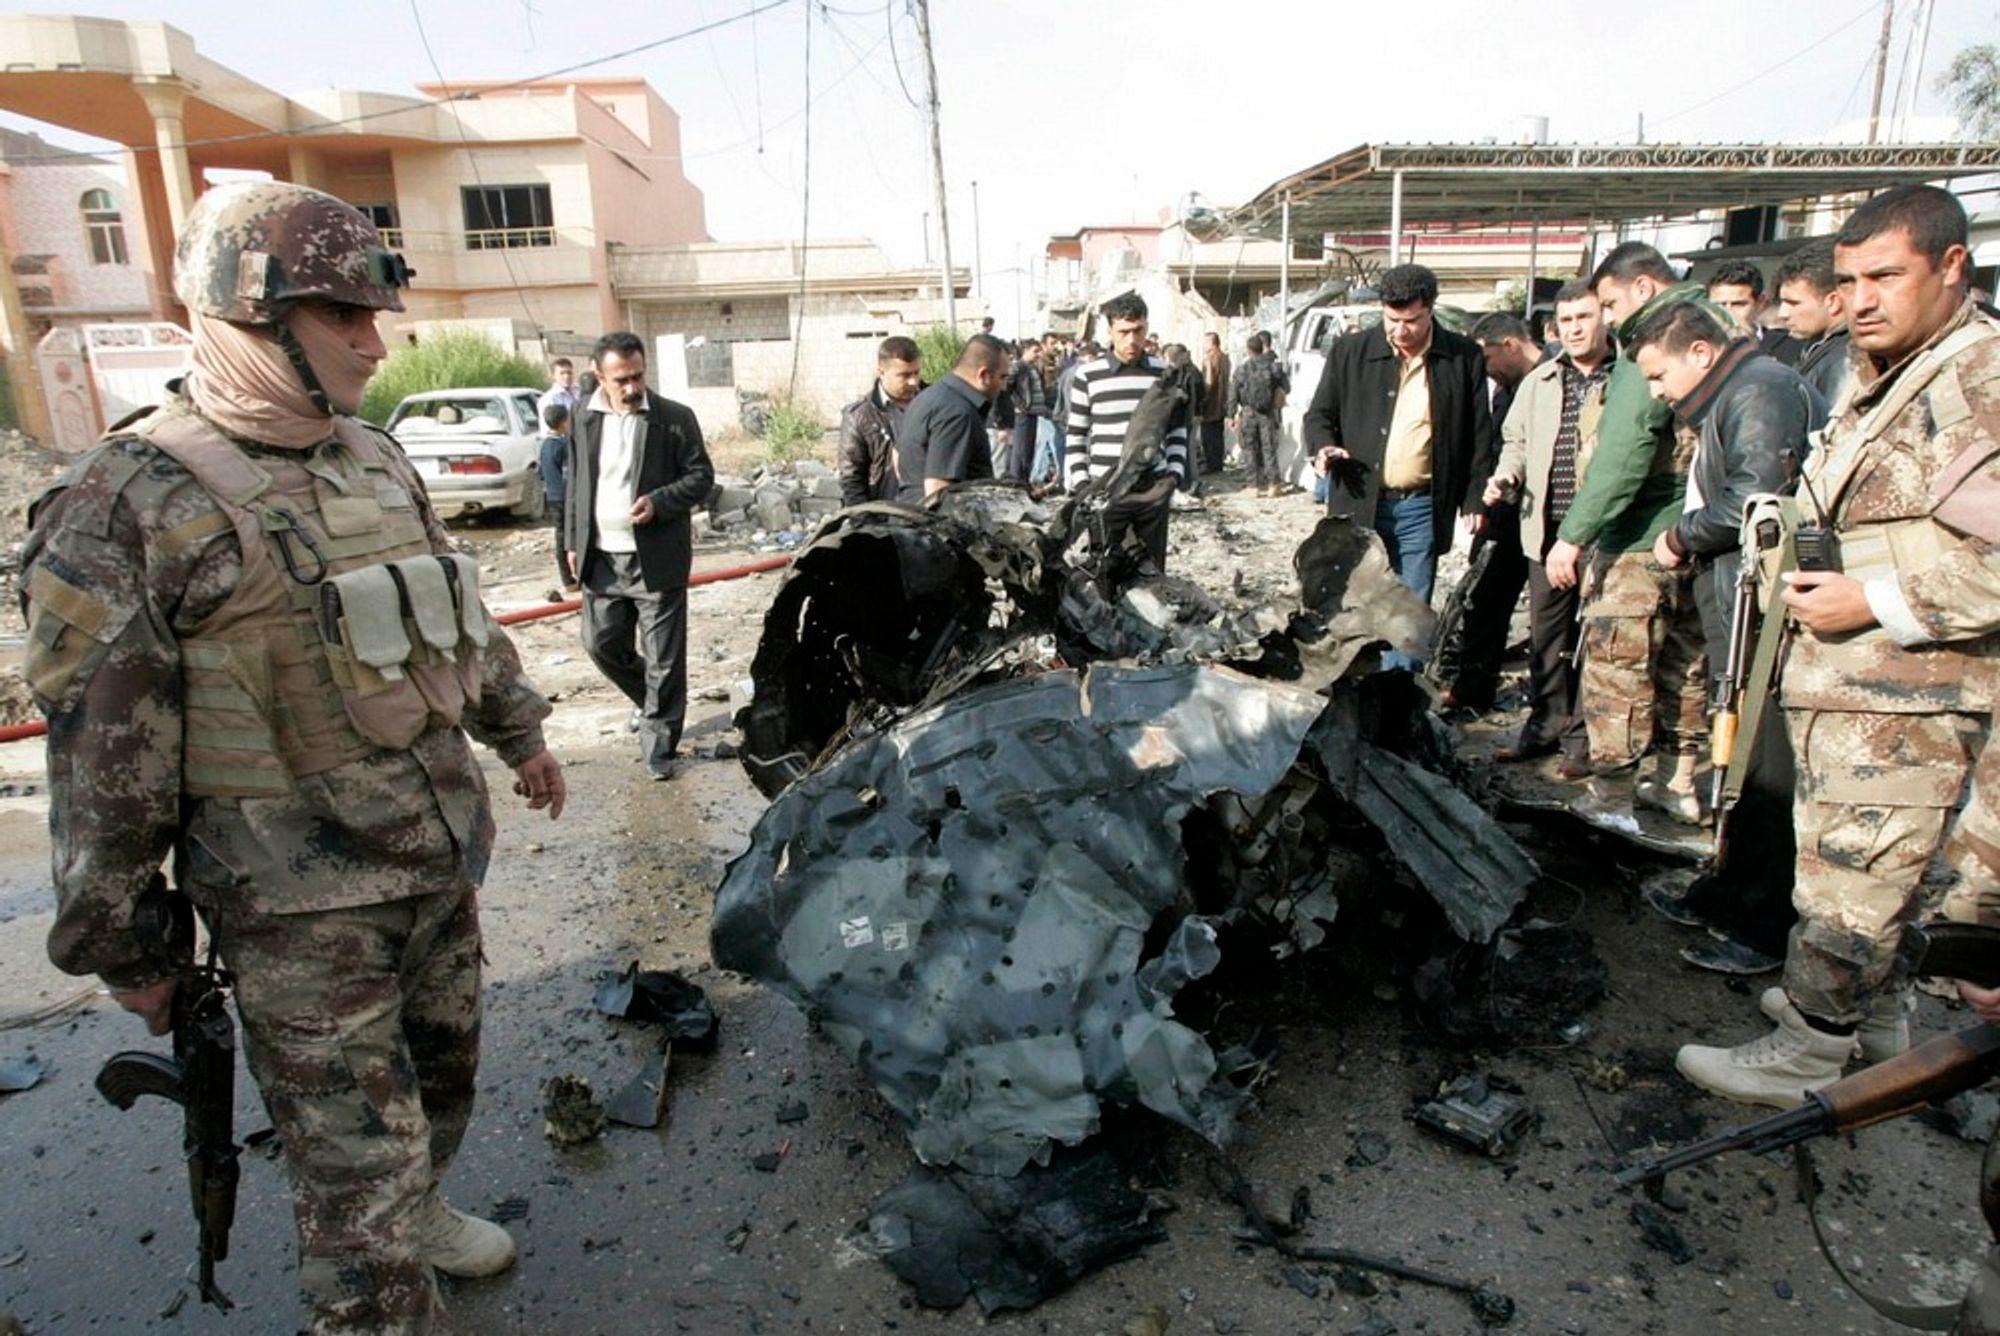 Arve Danielsen mener oljeselskapene kunne bidratt til å gjøre verden bedre for lokalbefolkningen, og at Statoil kunne utrettet mye mer i Irak uten partnerskapet med Lukoil. Illustrasjonsbilde fra et bombeangrep i oljebyen Kirkuk, 250 km nord for Bagdad, 13. januar i fjor.